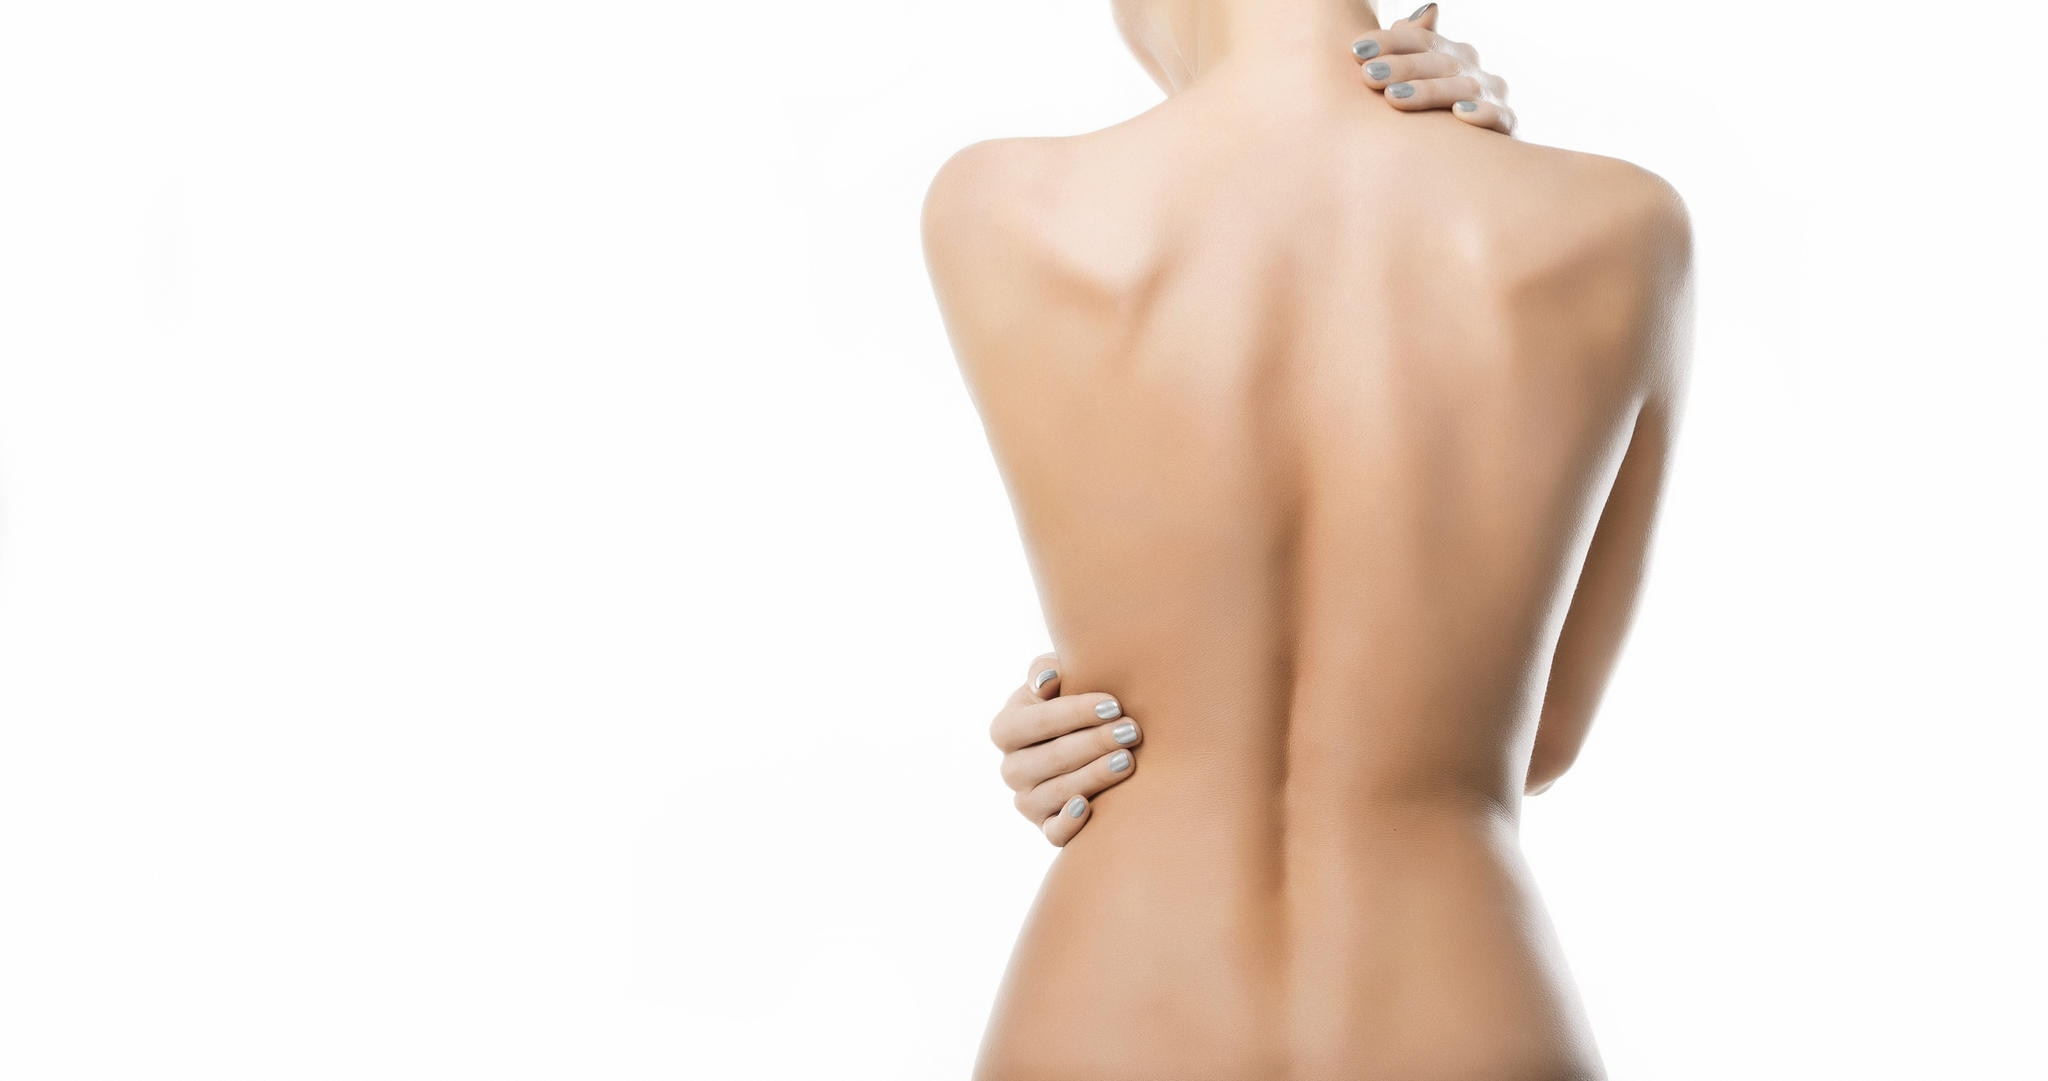 Damit Ihr Rücken auch wieder entzücken kann: Das können Sie gegen Pickel am Rücken tun.